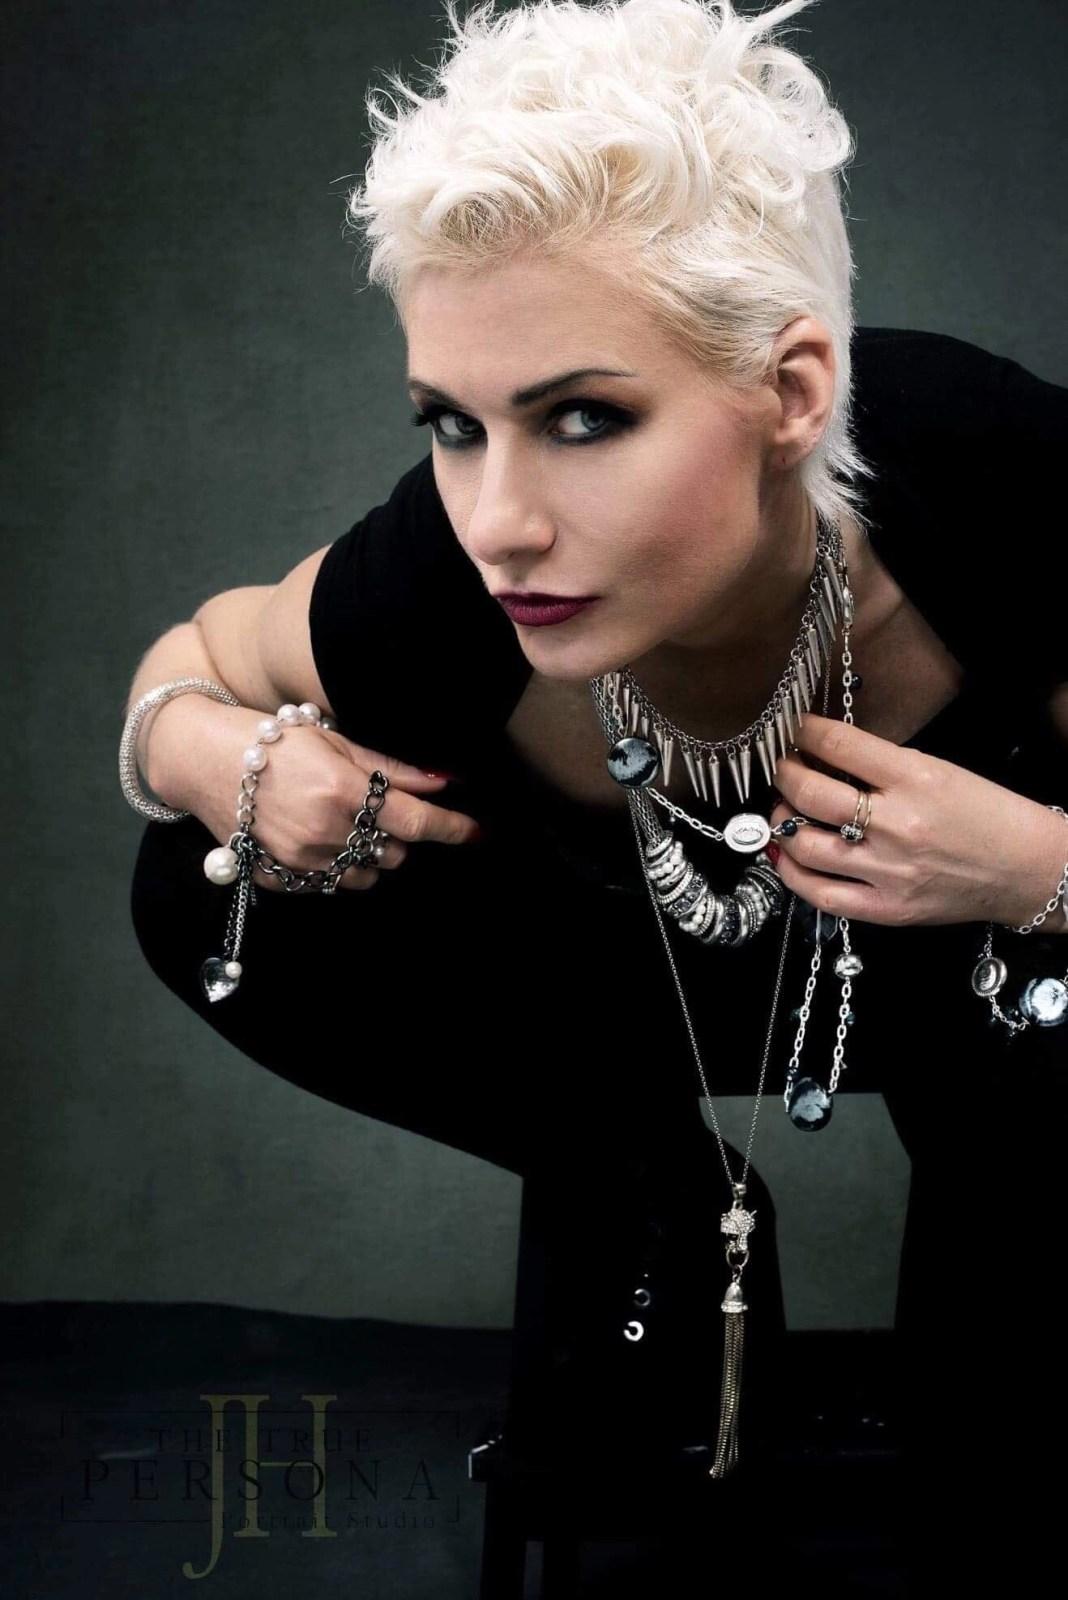 Model Emma - Mansell